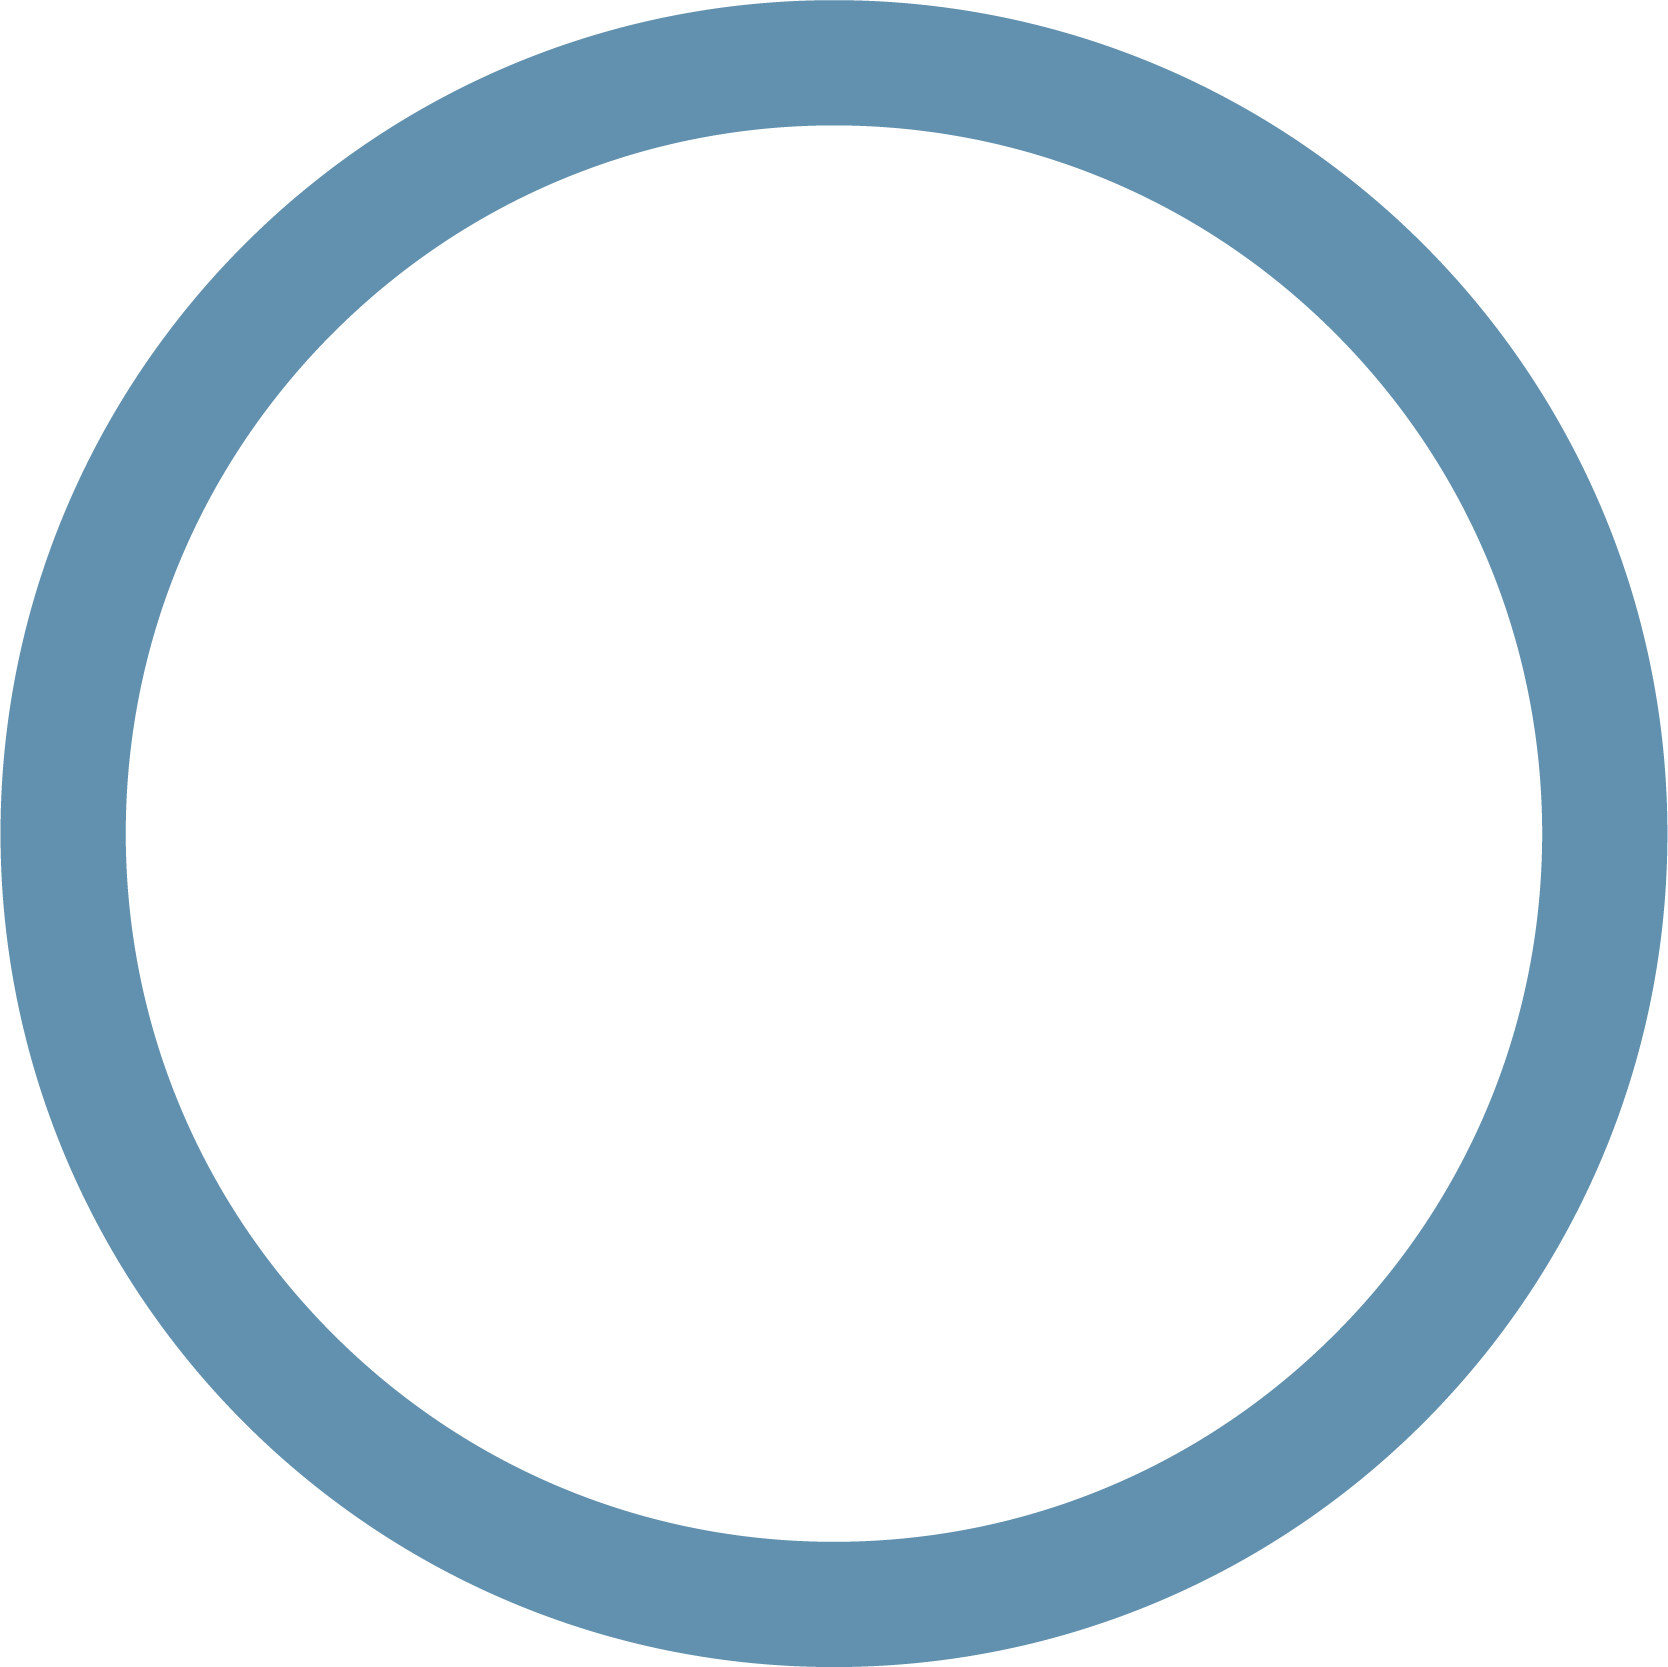 logo collection saint-honoré paris